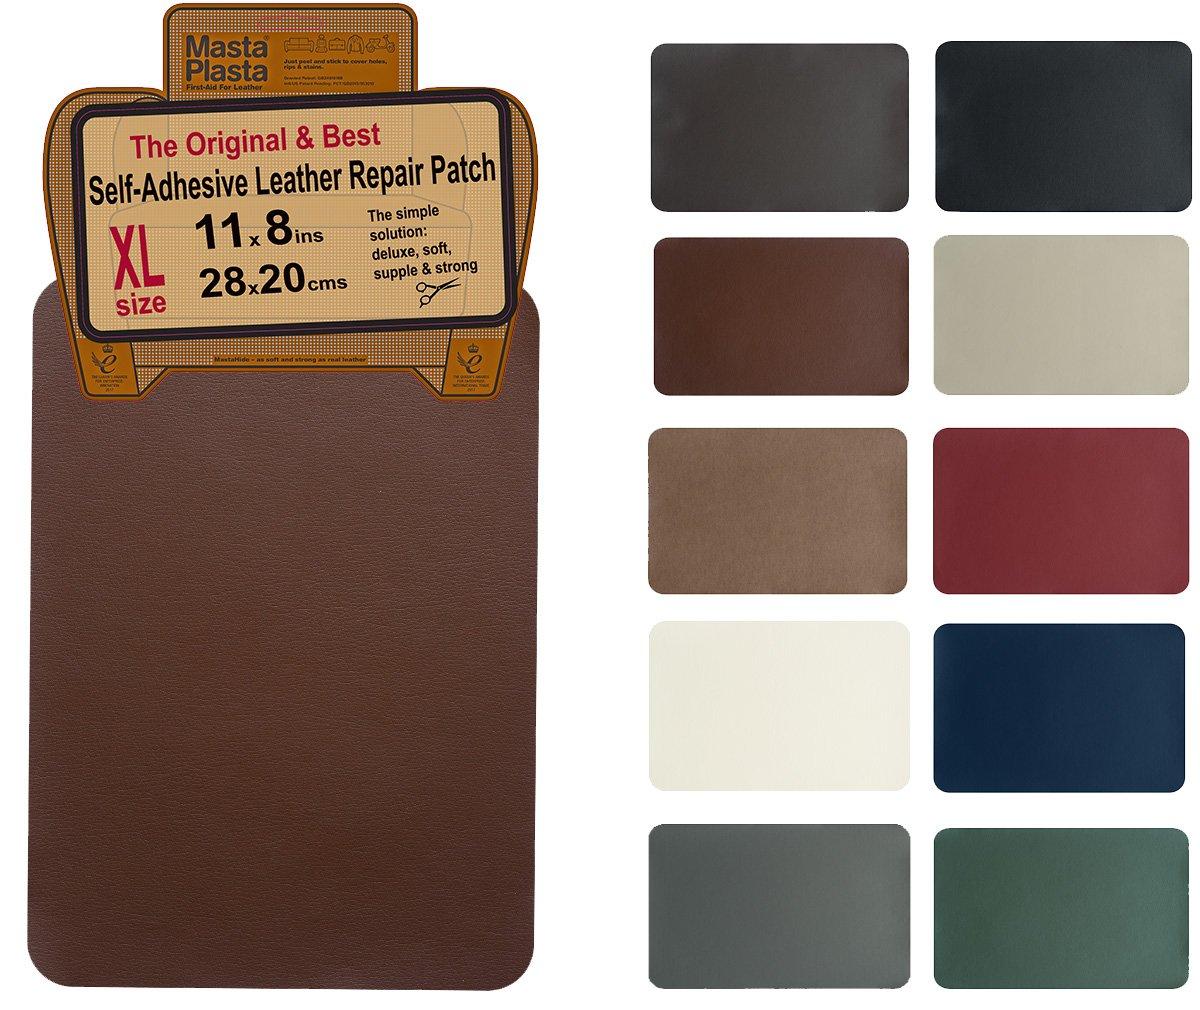 MastaPlasta, Leather Repair Patch